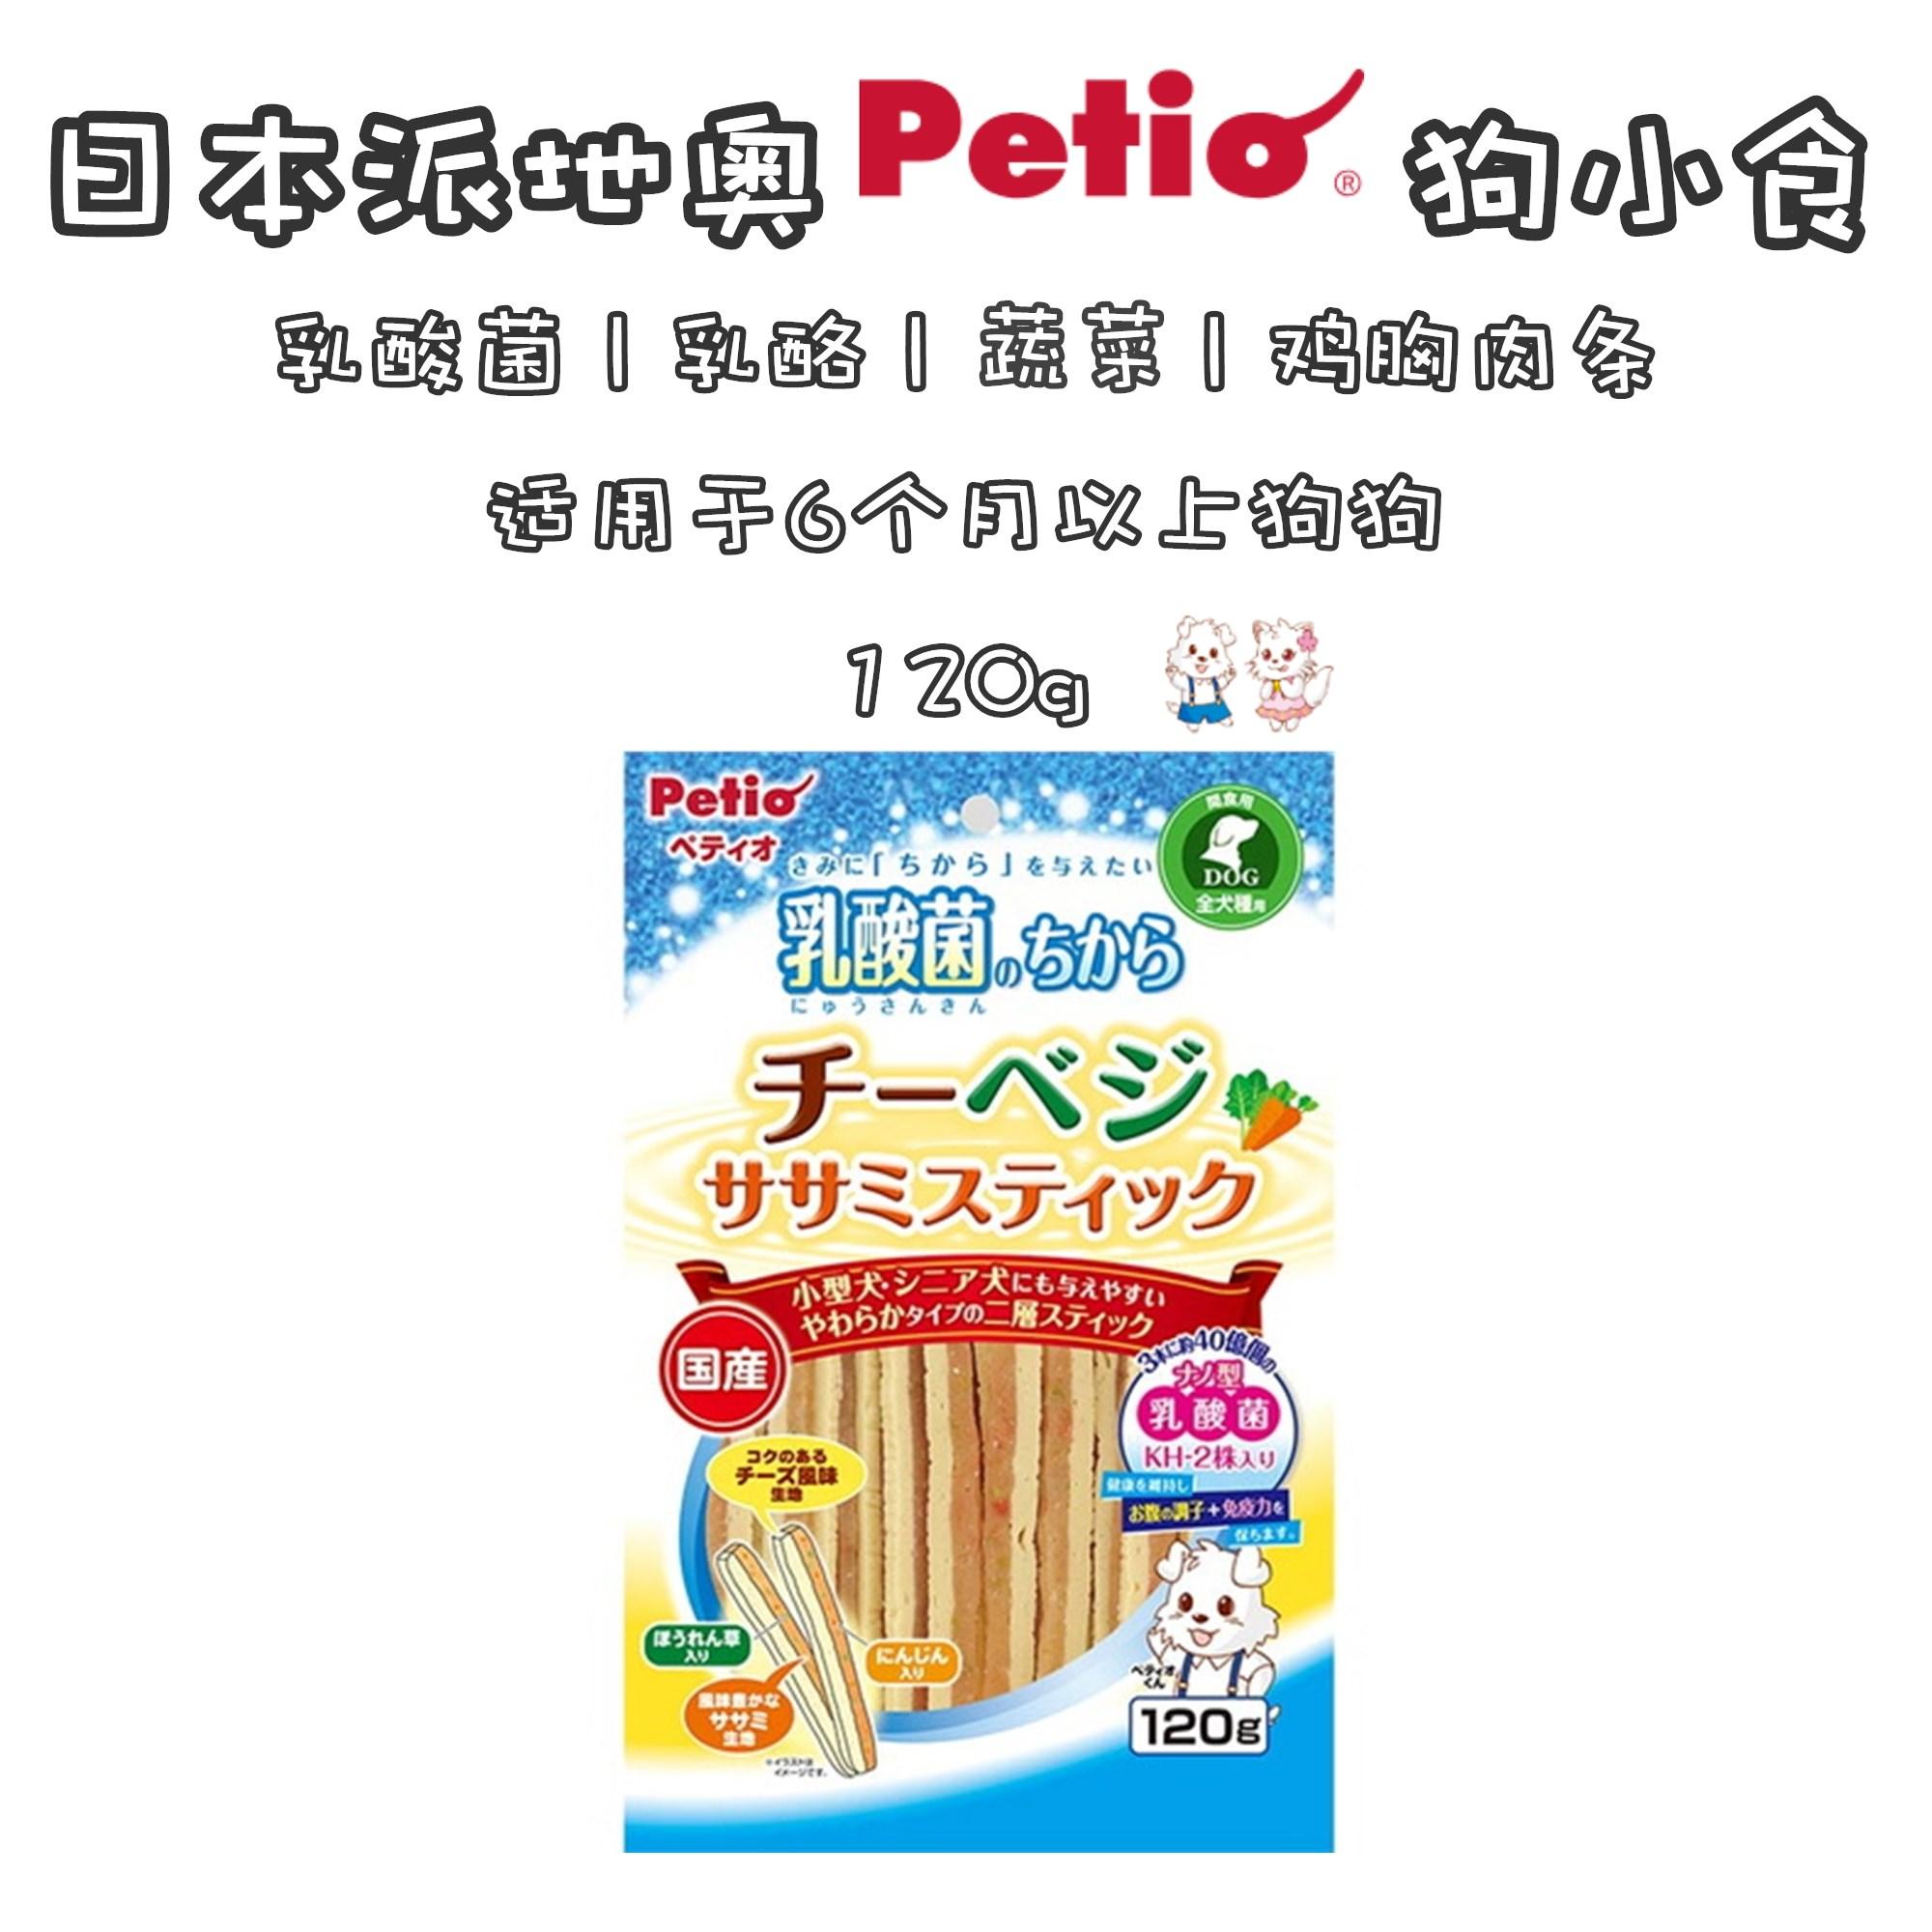 日本进口petio派地奥乳酪乳酸菌狗零食鸡胸肉素菜条狗狗零食120g